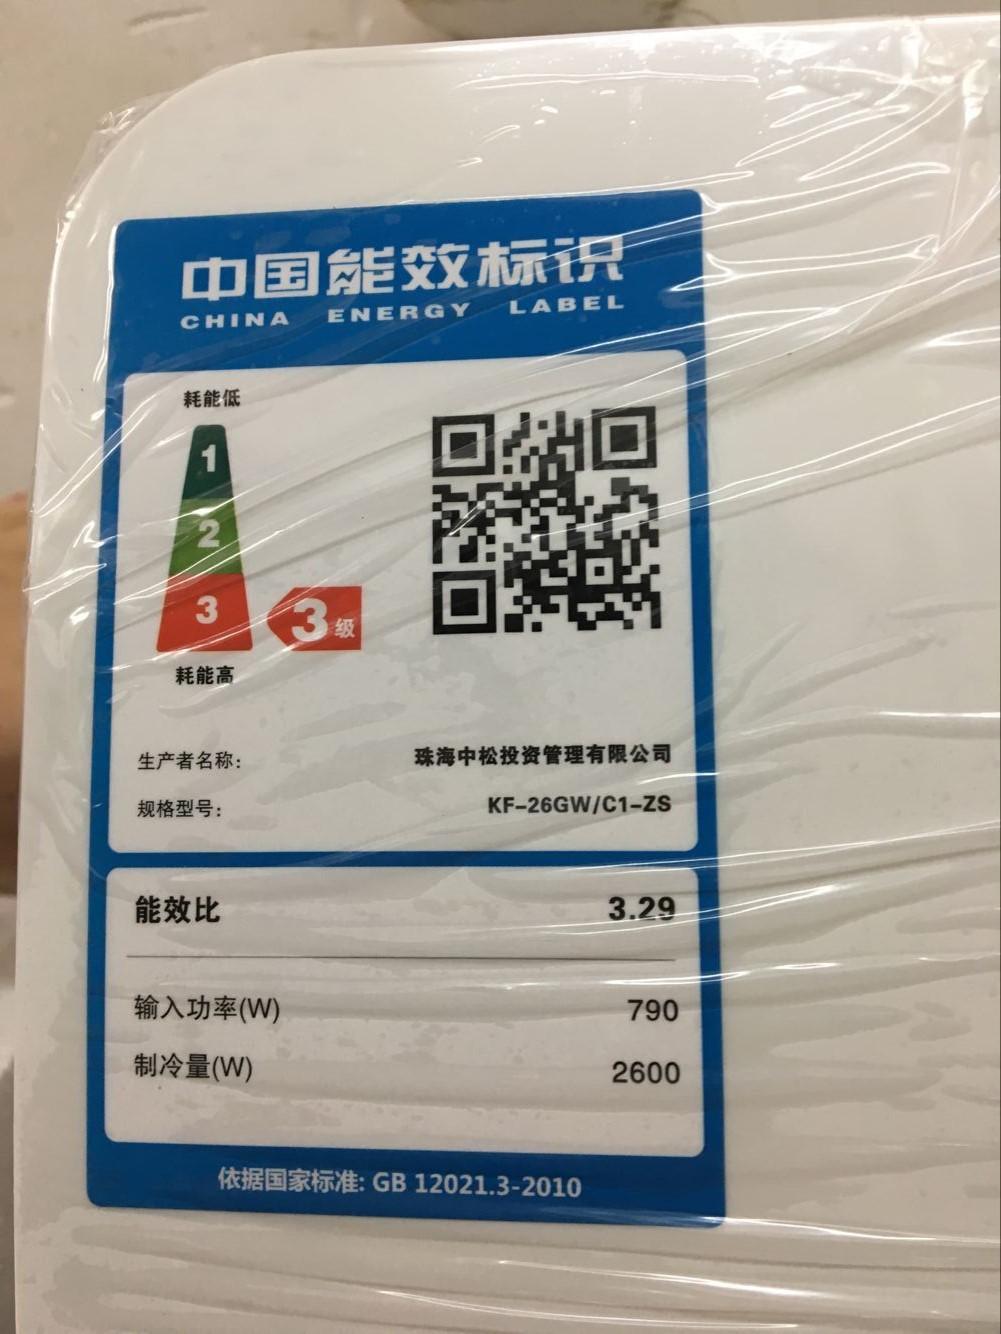 Partmusic Điện gia dụng chính hãng Chu Hải Zhongsong điều hòa không khí đơn lạnh treo tường kỹ thuật